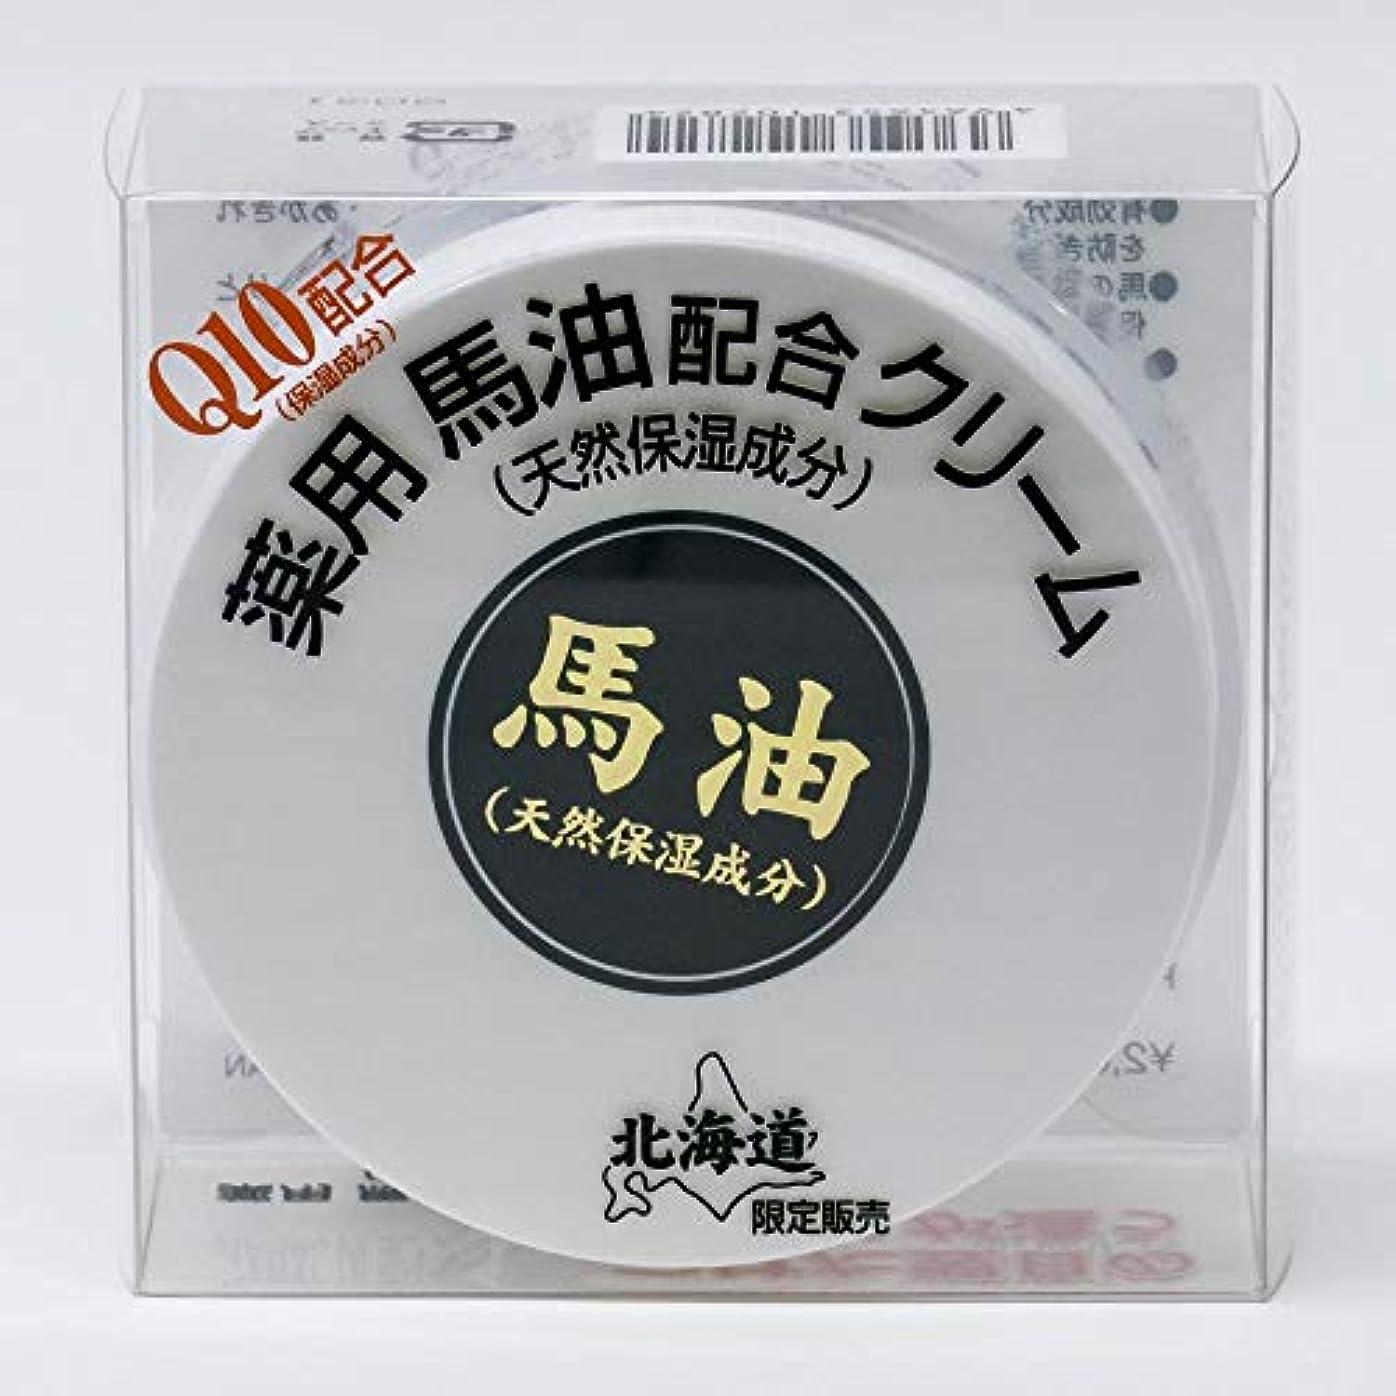 伝説話をする反毒薬用 馬油配合クリーム 天然保湿成分Q10配合